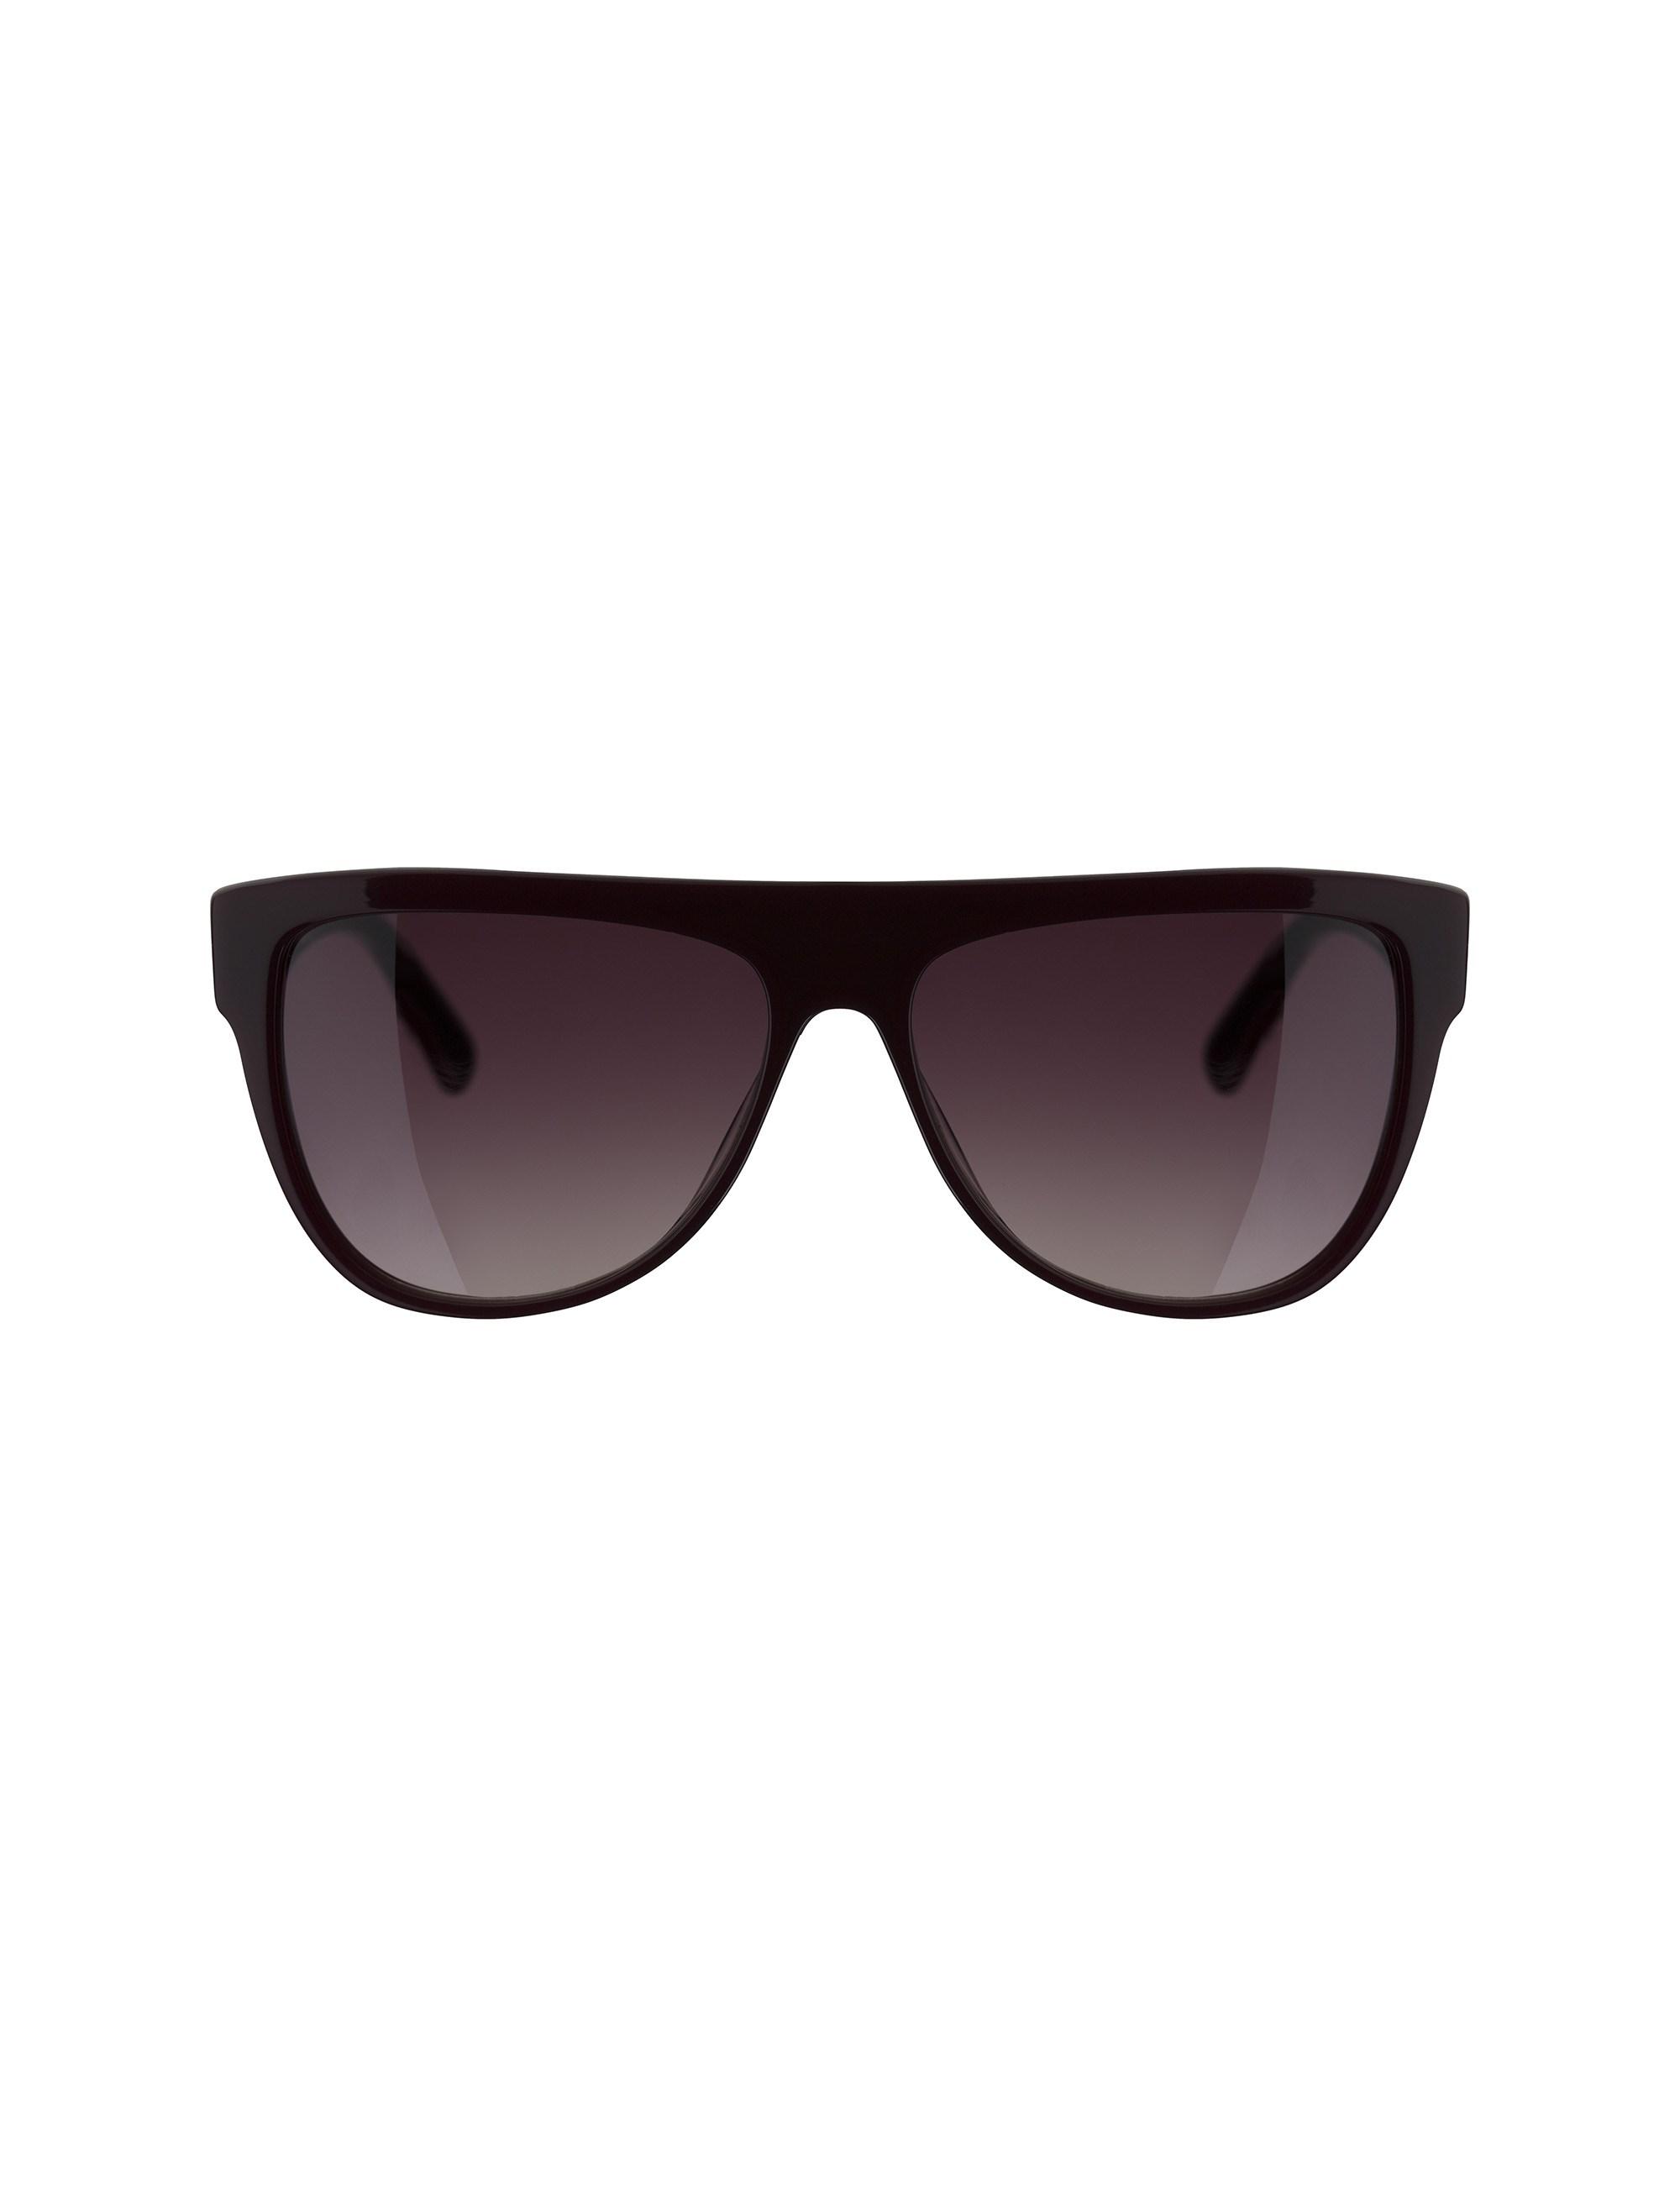 عینک آفتابی خلبانی زنانه - ماریم اکو